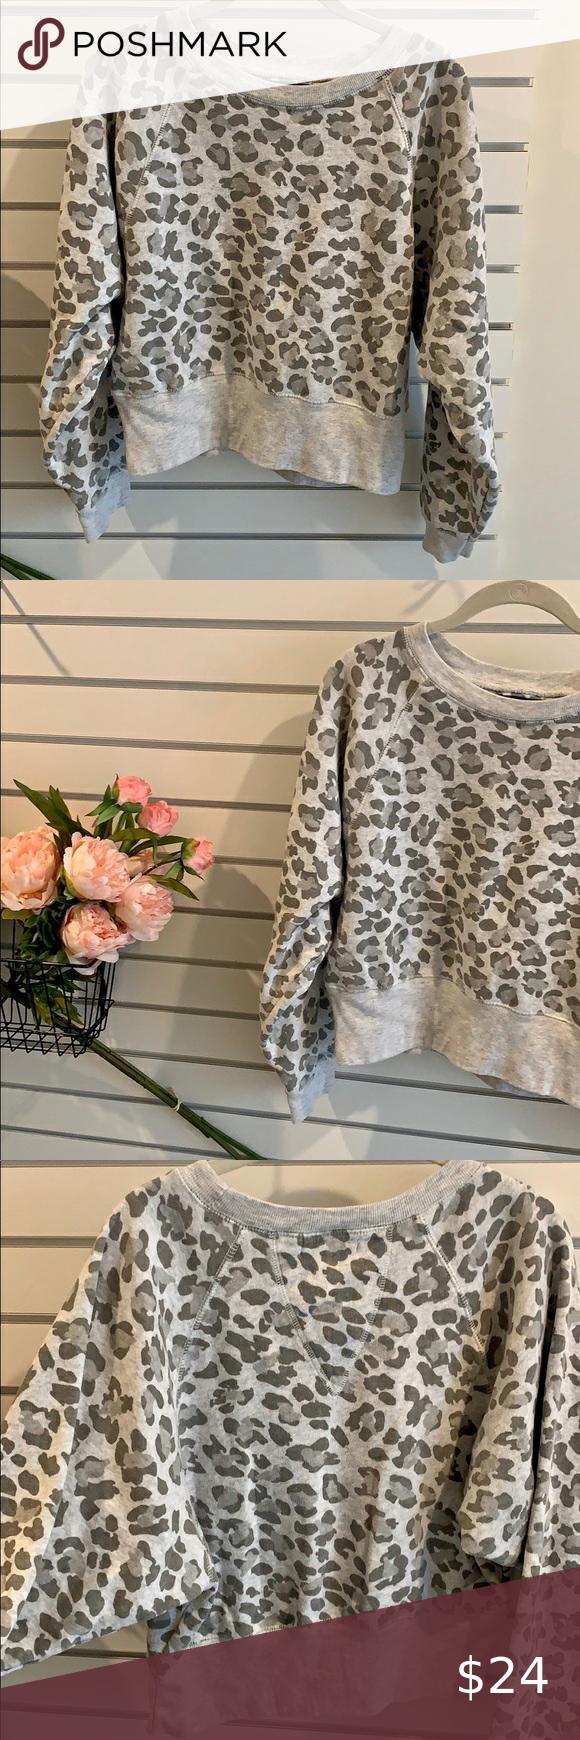 Leopard Print Crew Neck Sweatshirt Crew Neck Sweatshirt Grey Leopard Print Leopard Print Sweatshirt [ 1740 x 580 Pixel ]